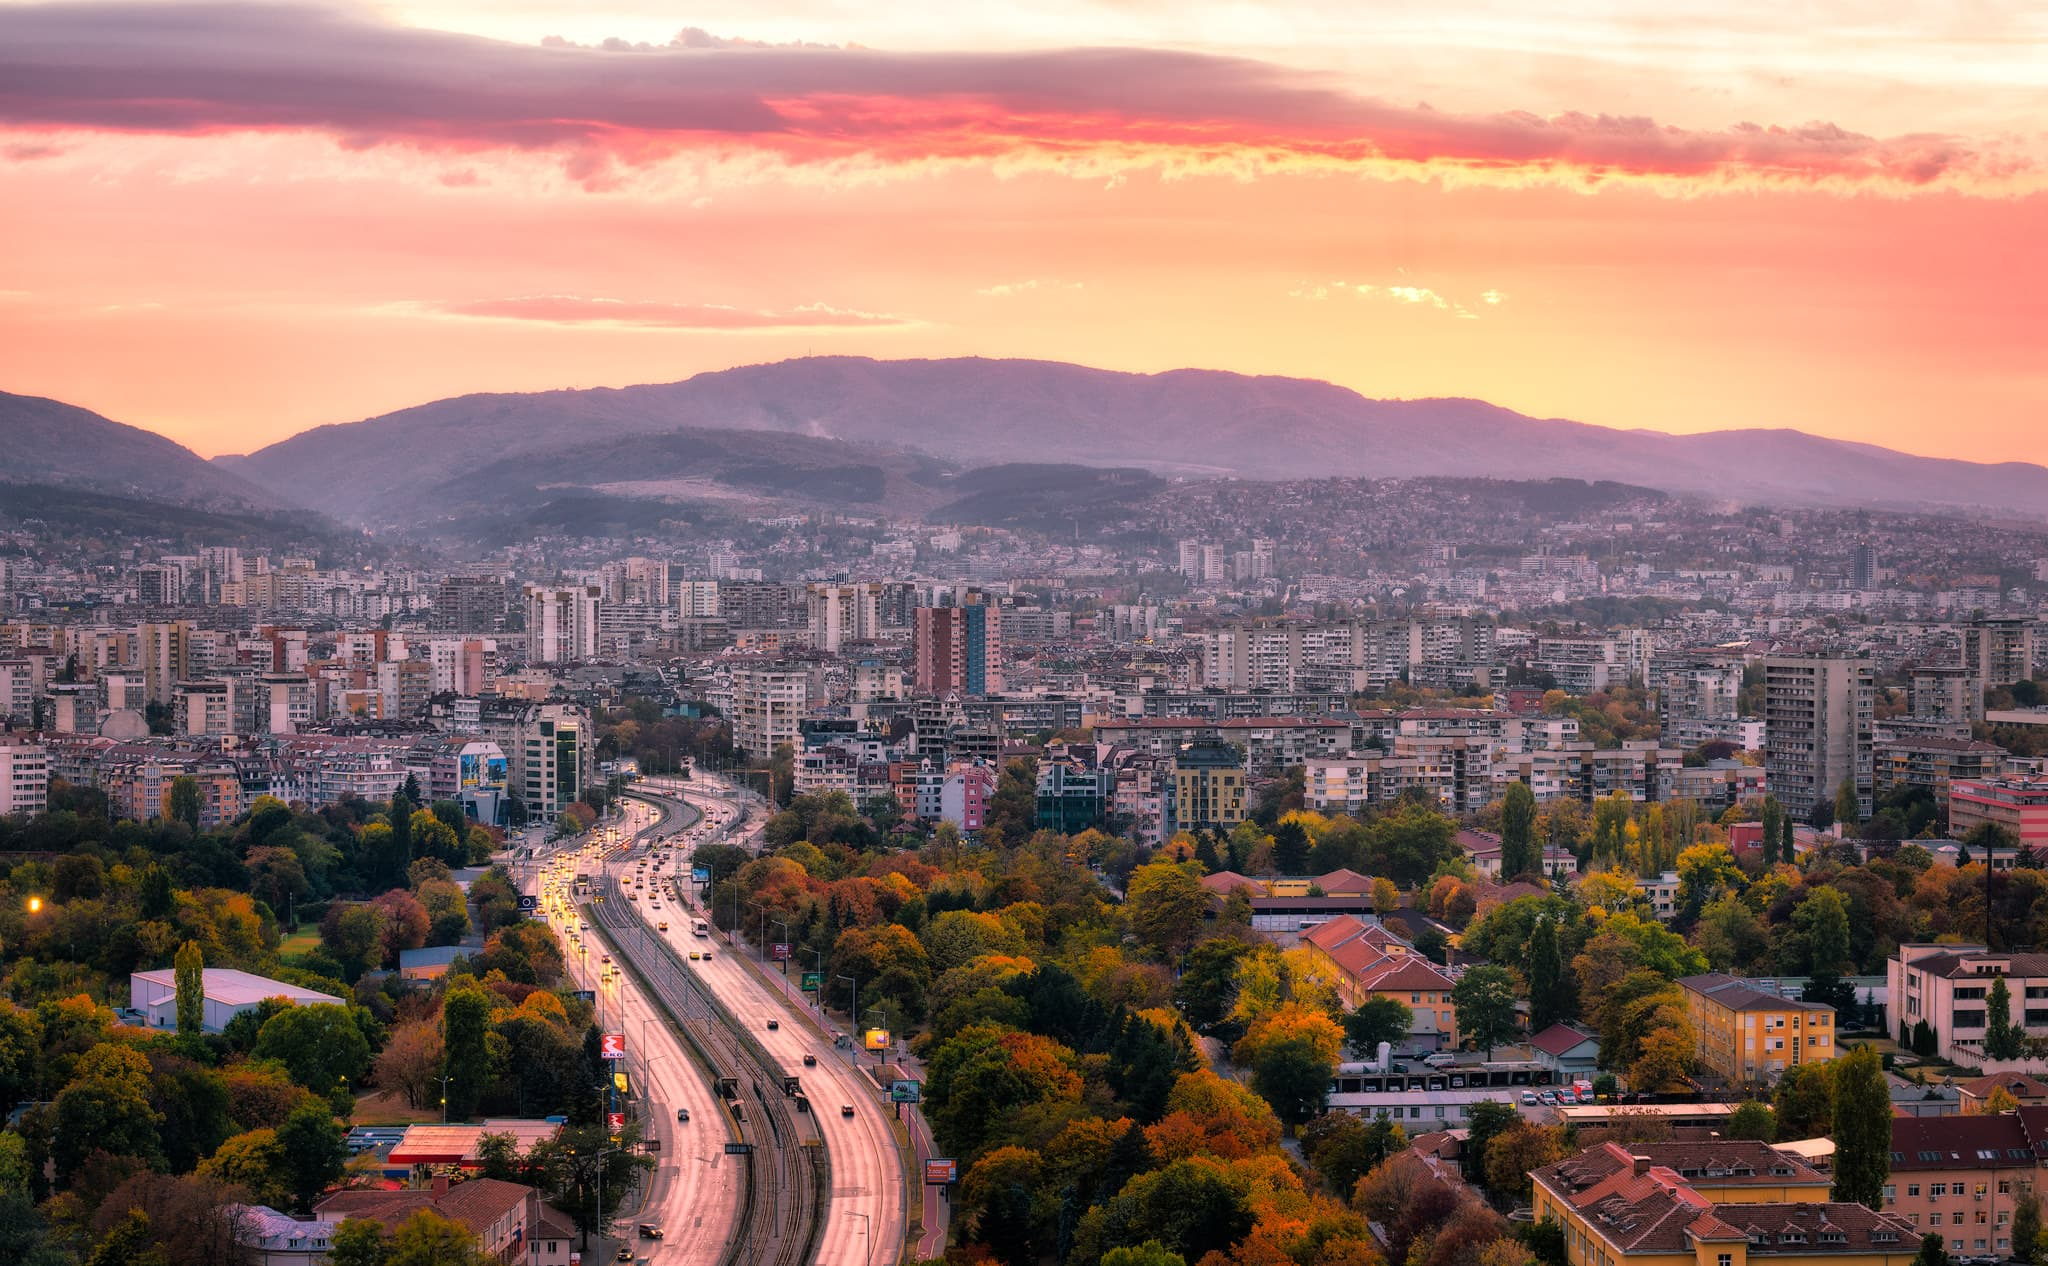 Sofia Sonnenuntergang hinter dem Bergpanorama, Bulgarien.